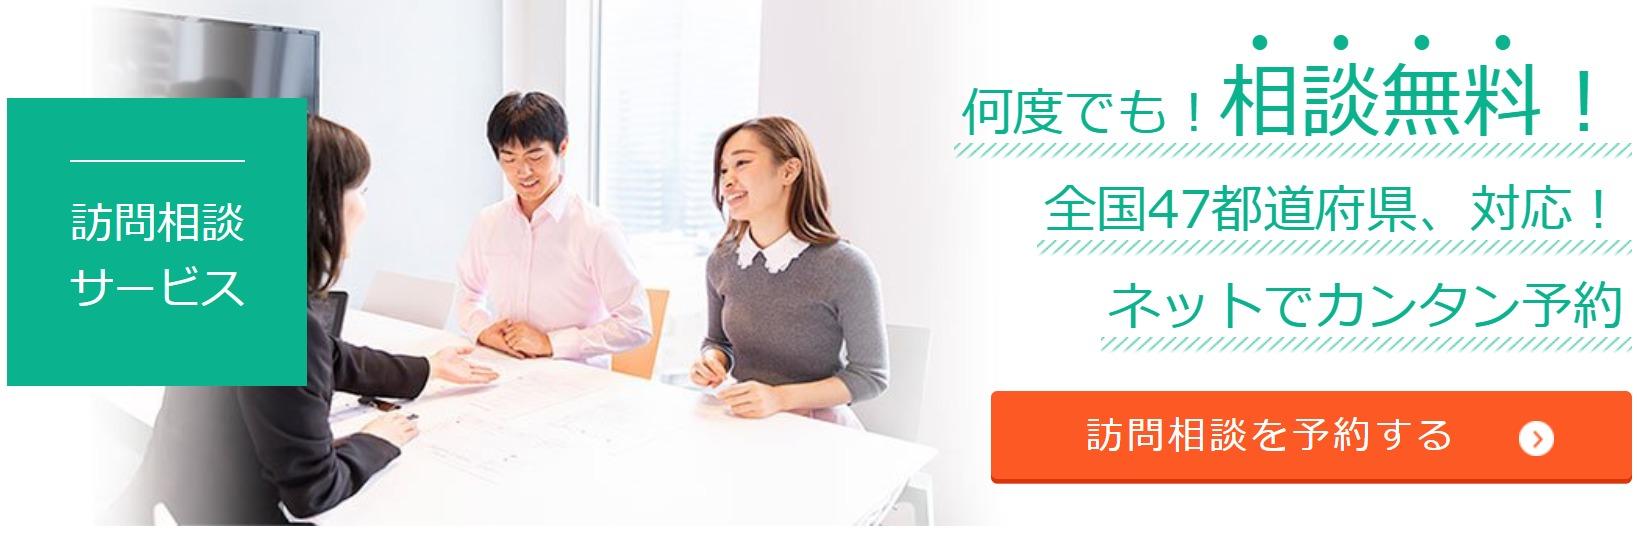 保険市場の保険相談は訪問で何度でも無料、申込みはこちらから!